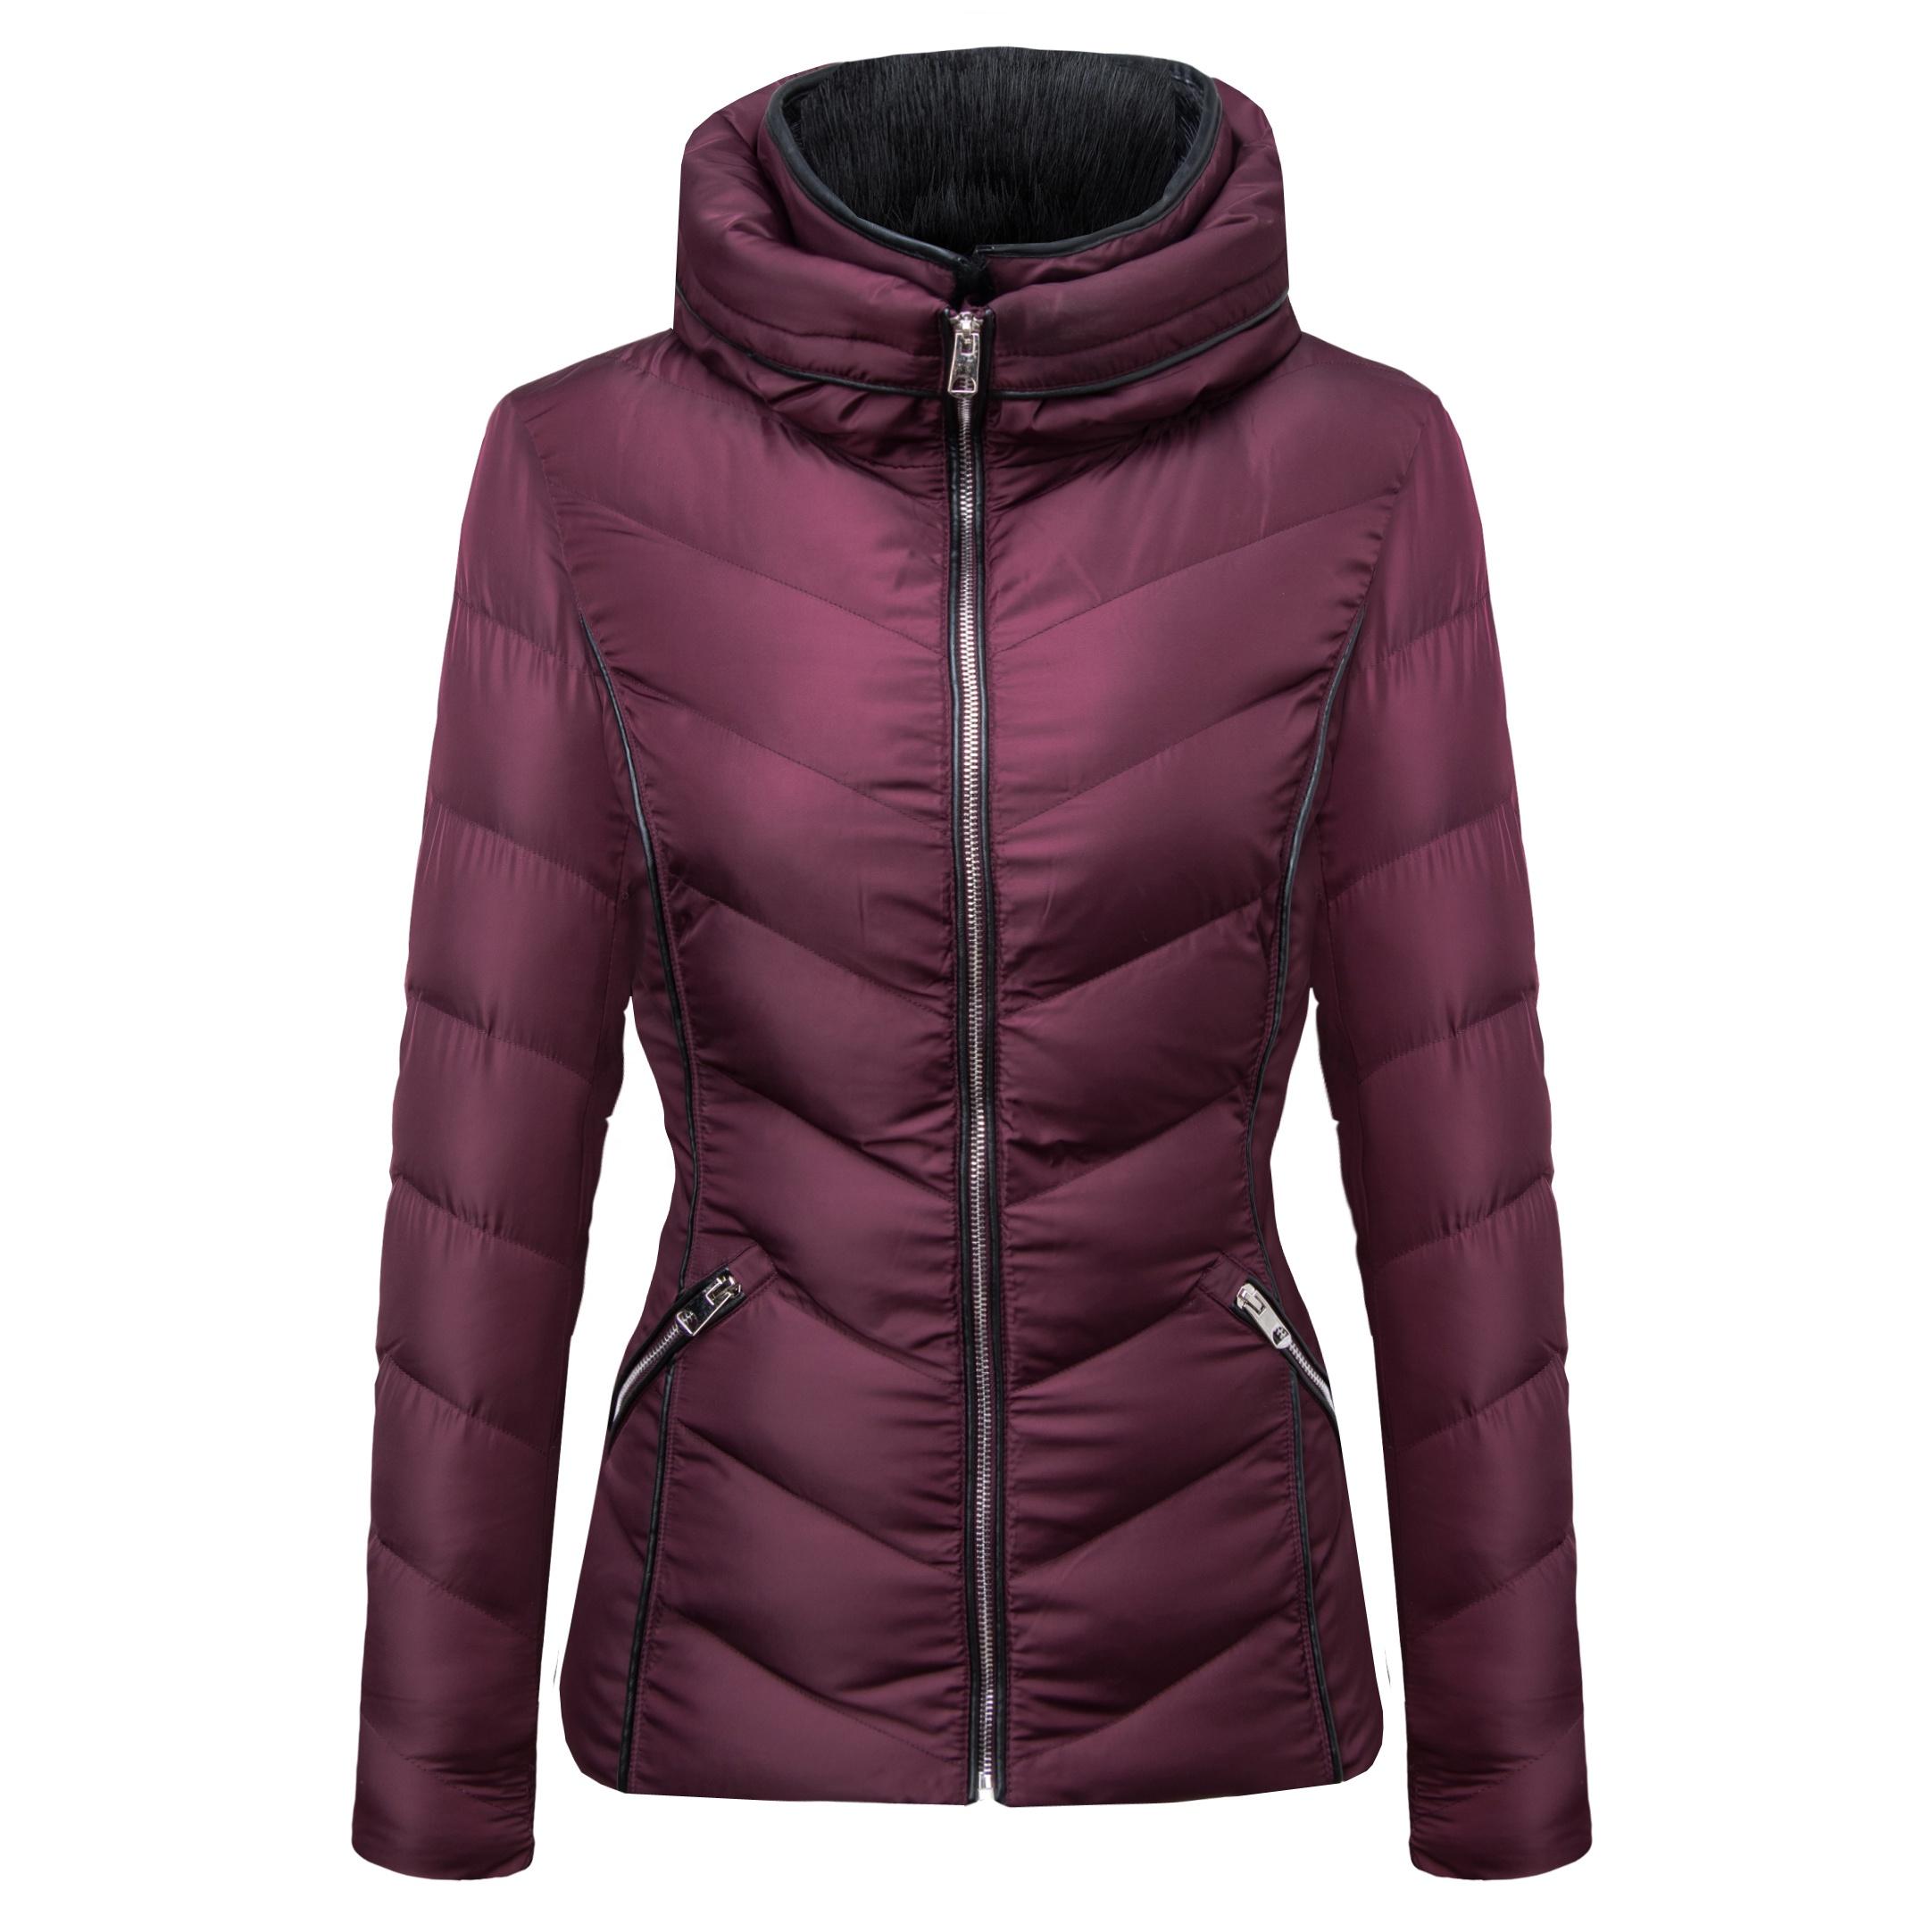 แฟชั่นแจ็คเก็ตสกี Bubble ผู้หญิงสุภาพสตรีฤดูหนาวและฤดูใบไม้ร่วง Parka Coat ผู้หญิงลงเสื้อหลวมเสื้อปักเป้ากับขนสัตว์